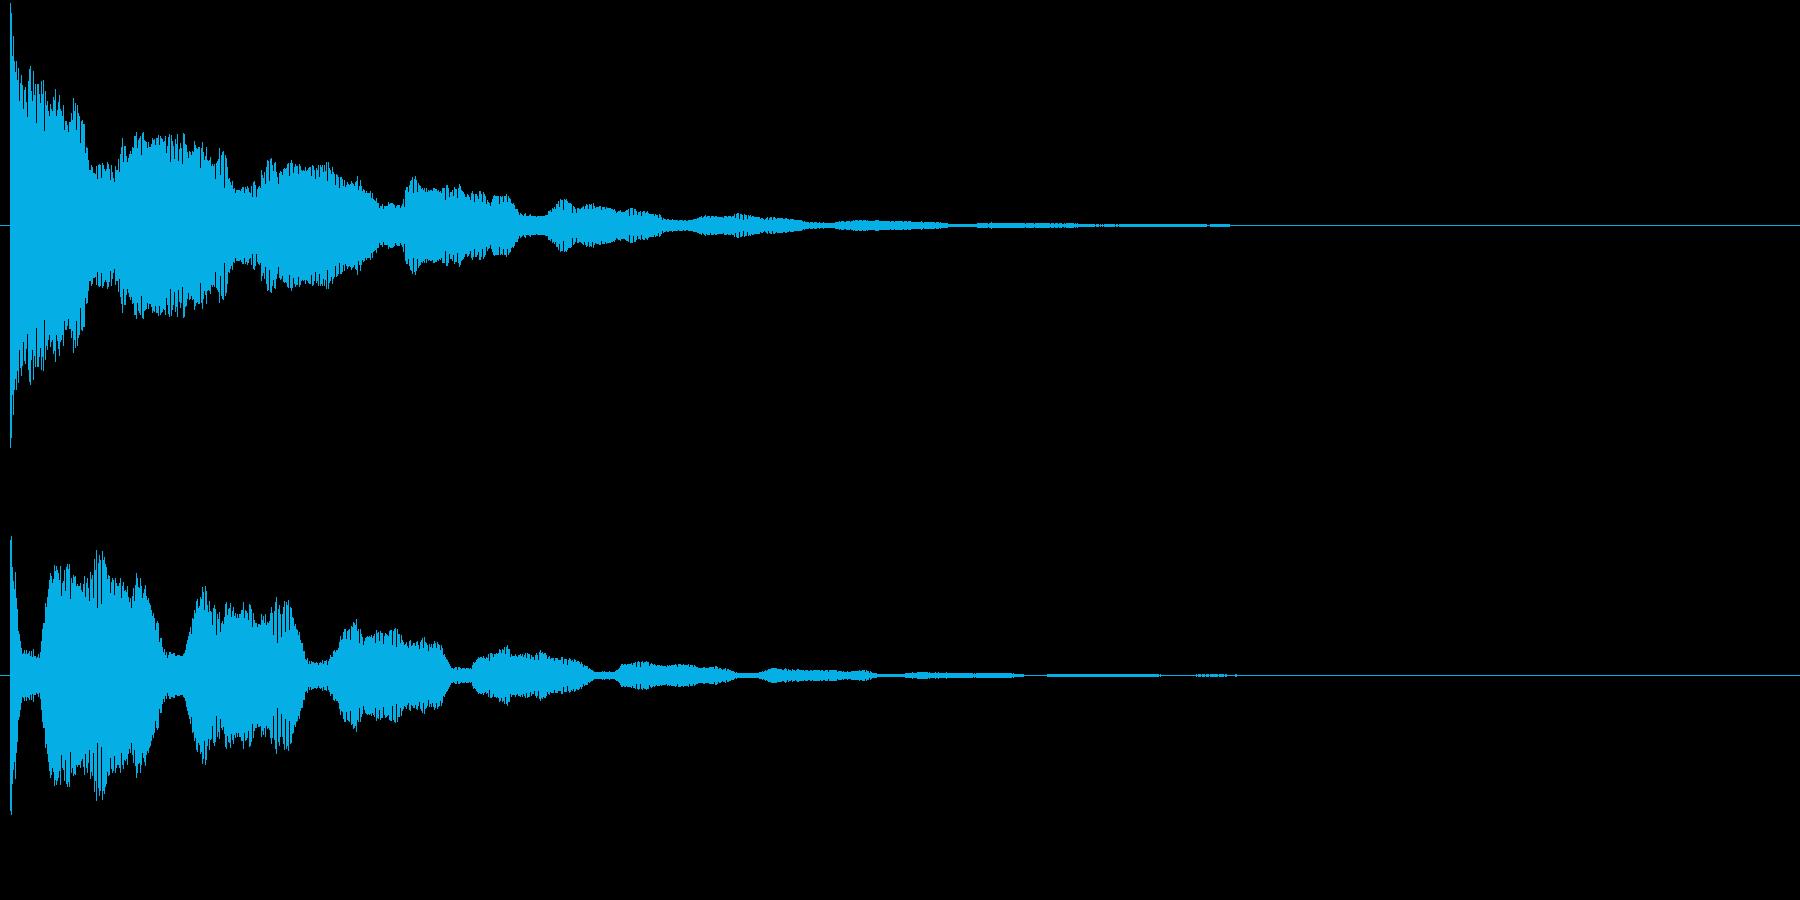 ジャーン(アンビエンス)の再生済みの波形